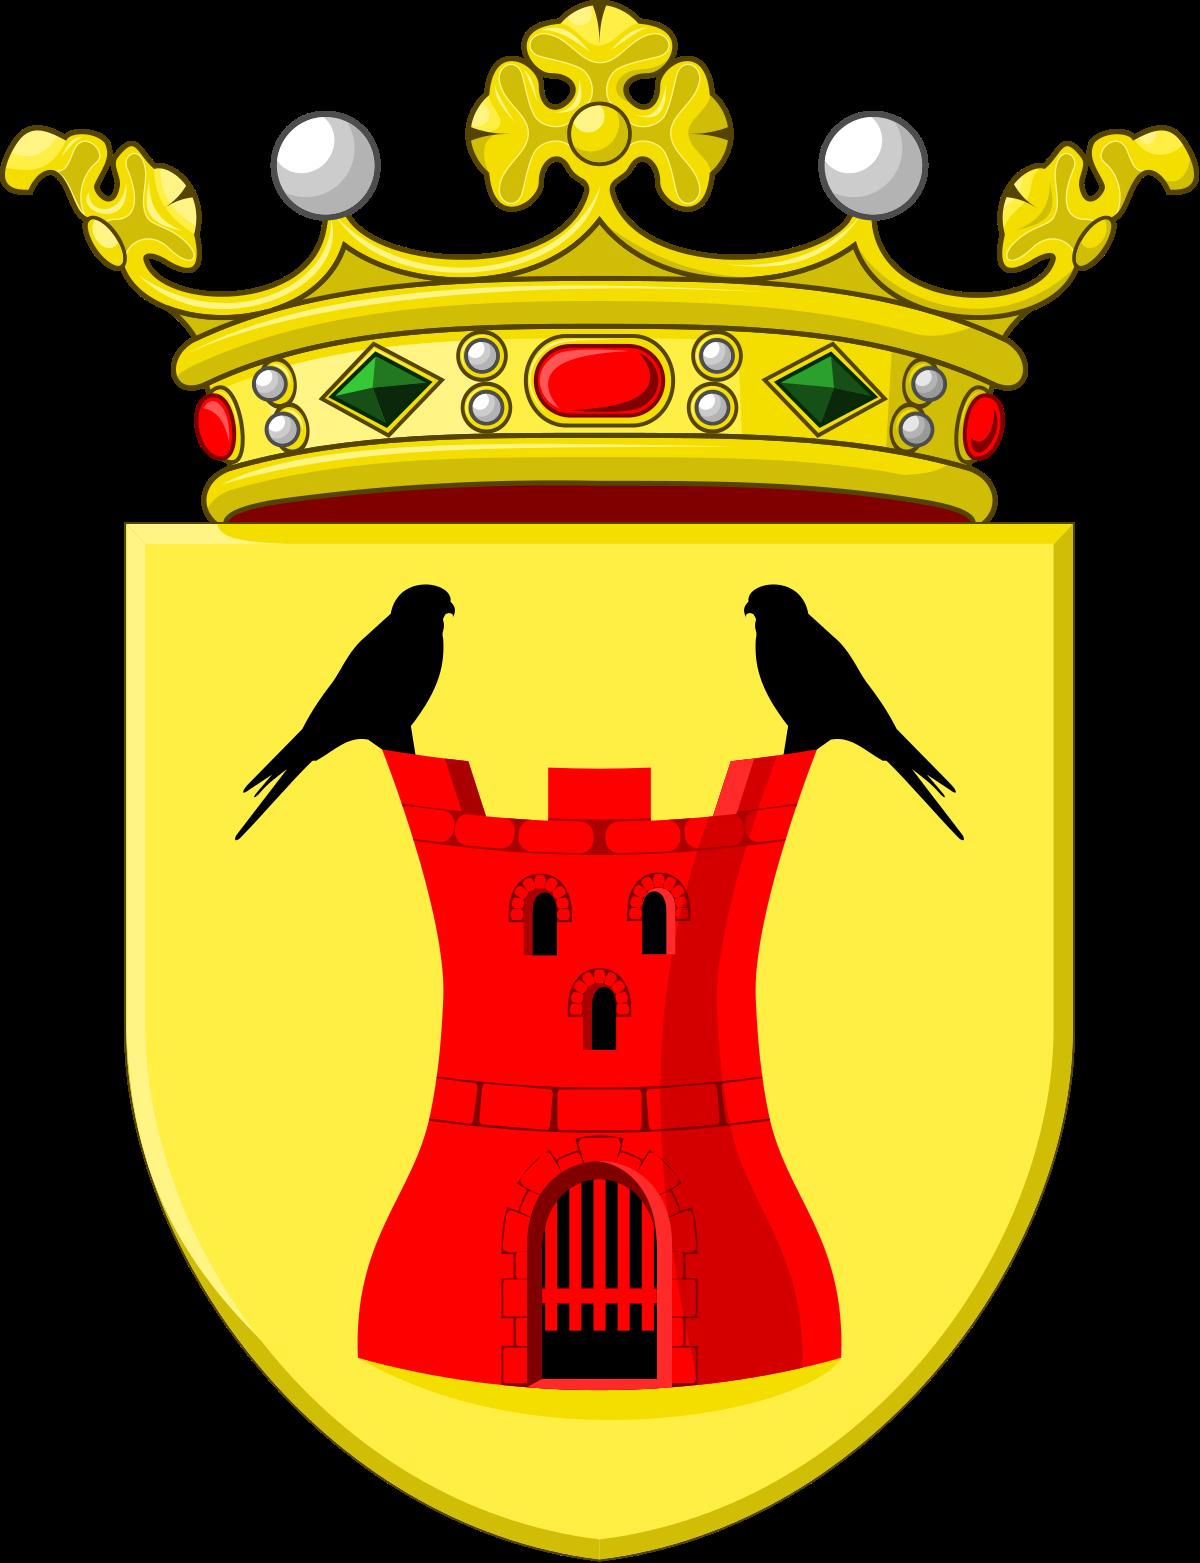 Wapen van Valkenburg (Zuid.